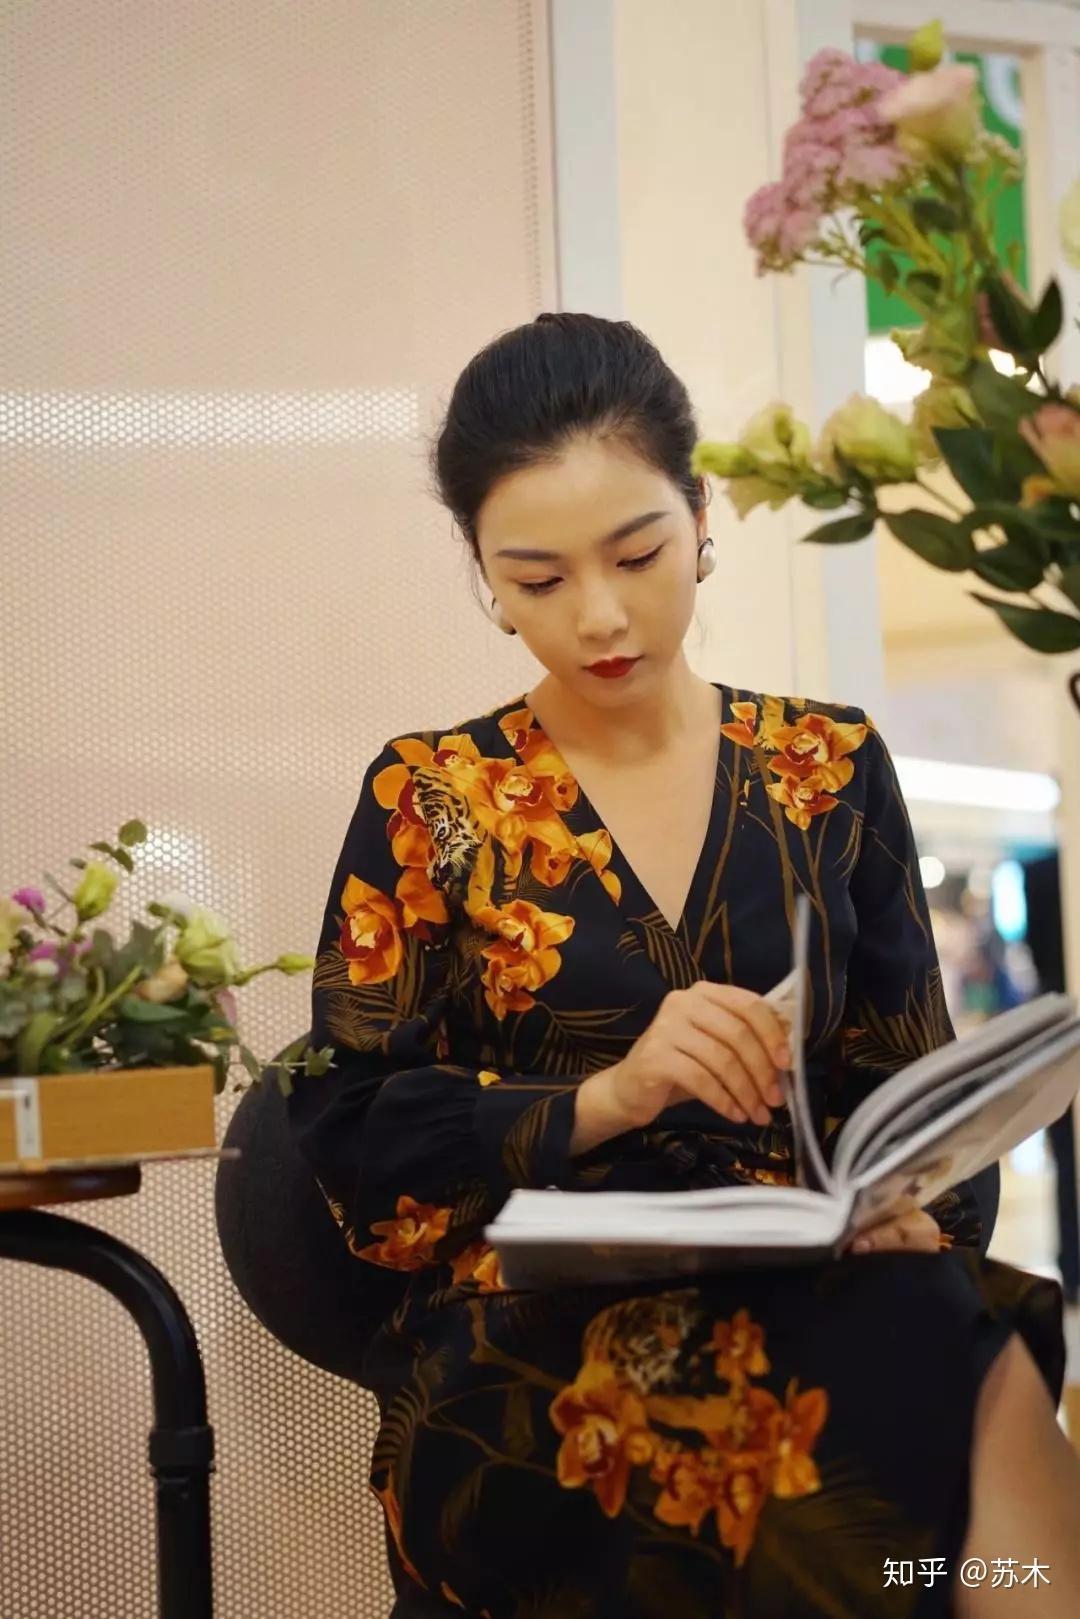 适合少女的护肤品_有哪些值得关注的中文圈时尚博主,为什么? - 知乎